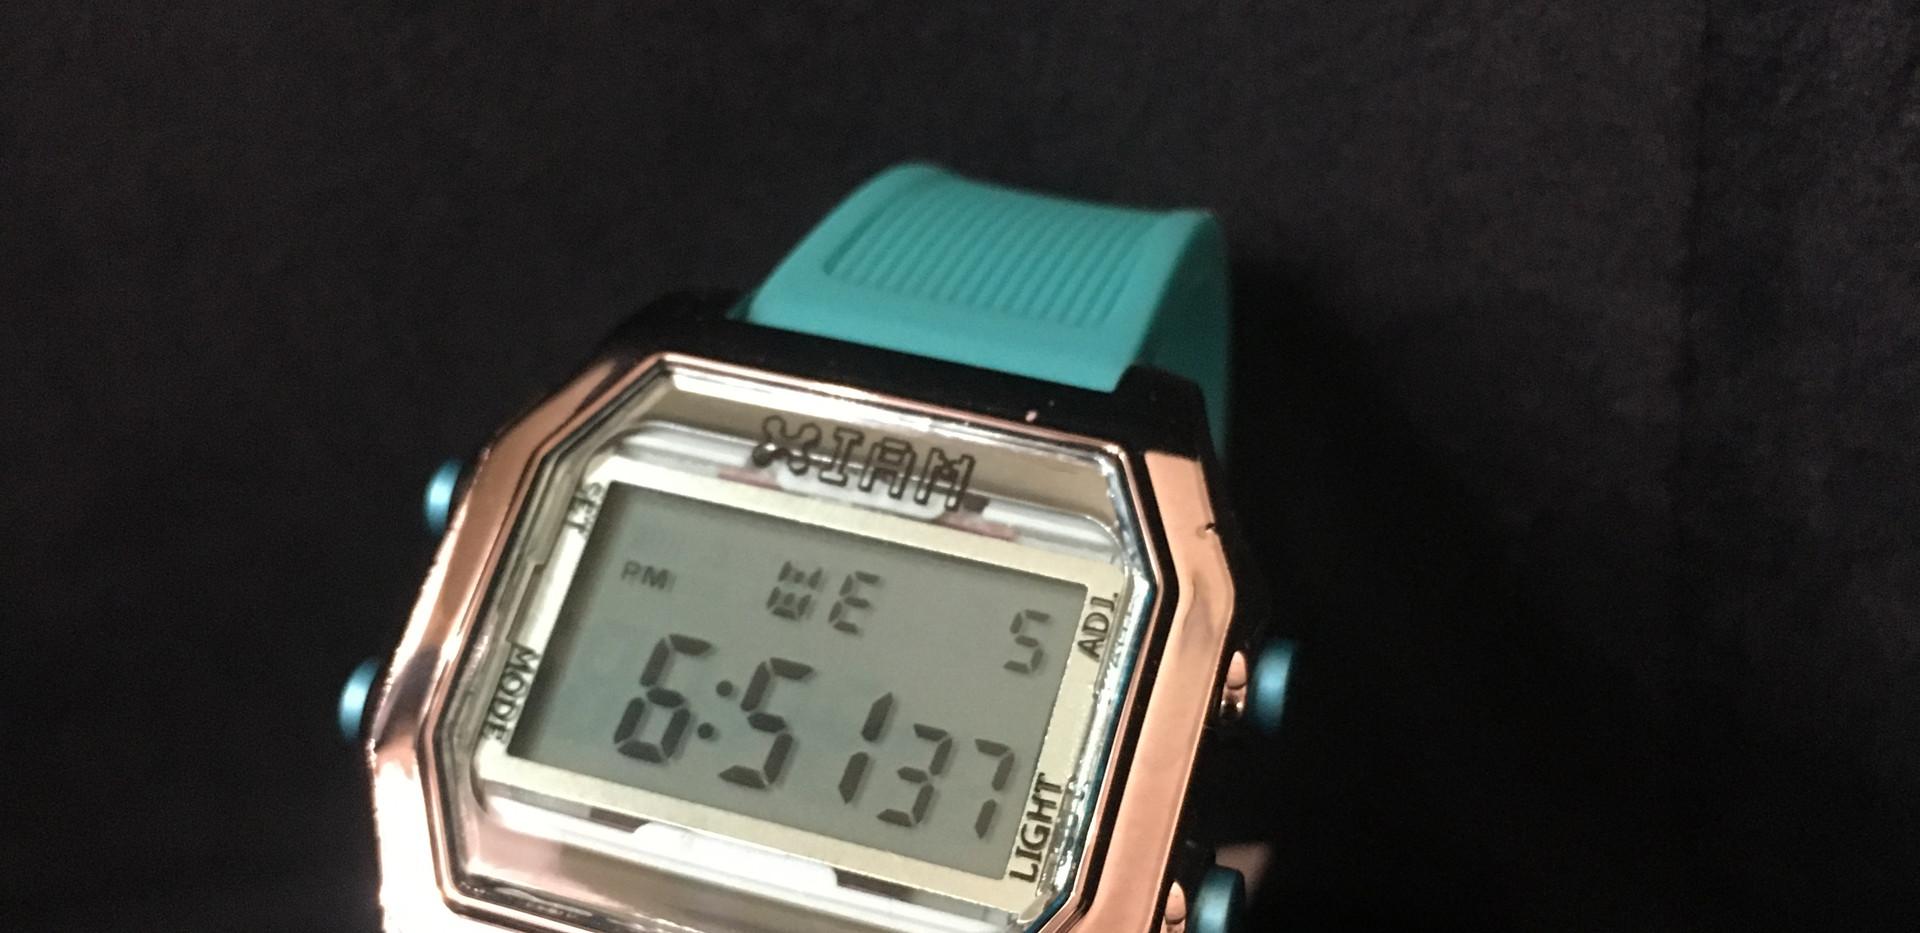 Montre I AM THE WATCH 49€ Boite chromé- bracelet turquoise.